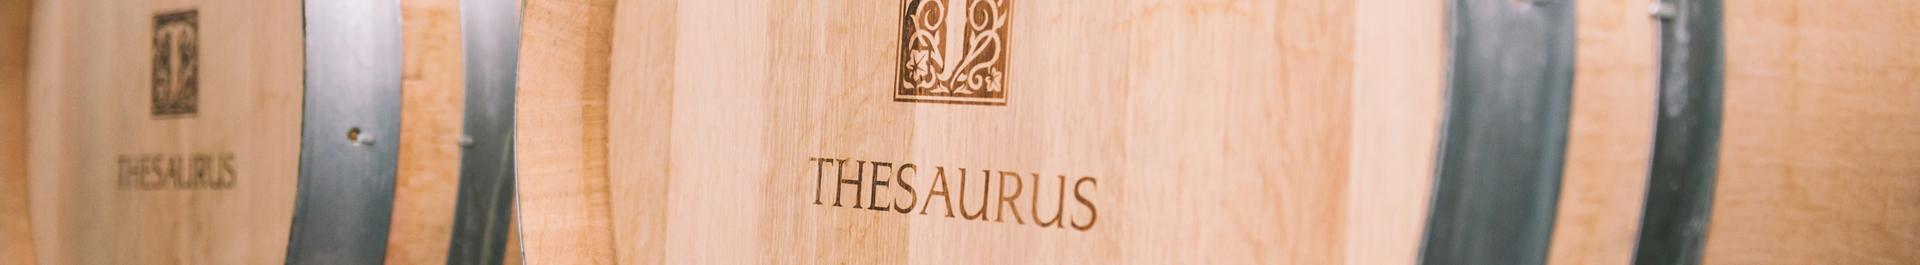 Thesaurus-122